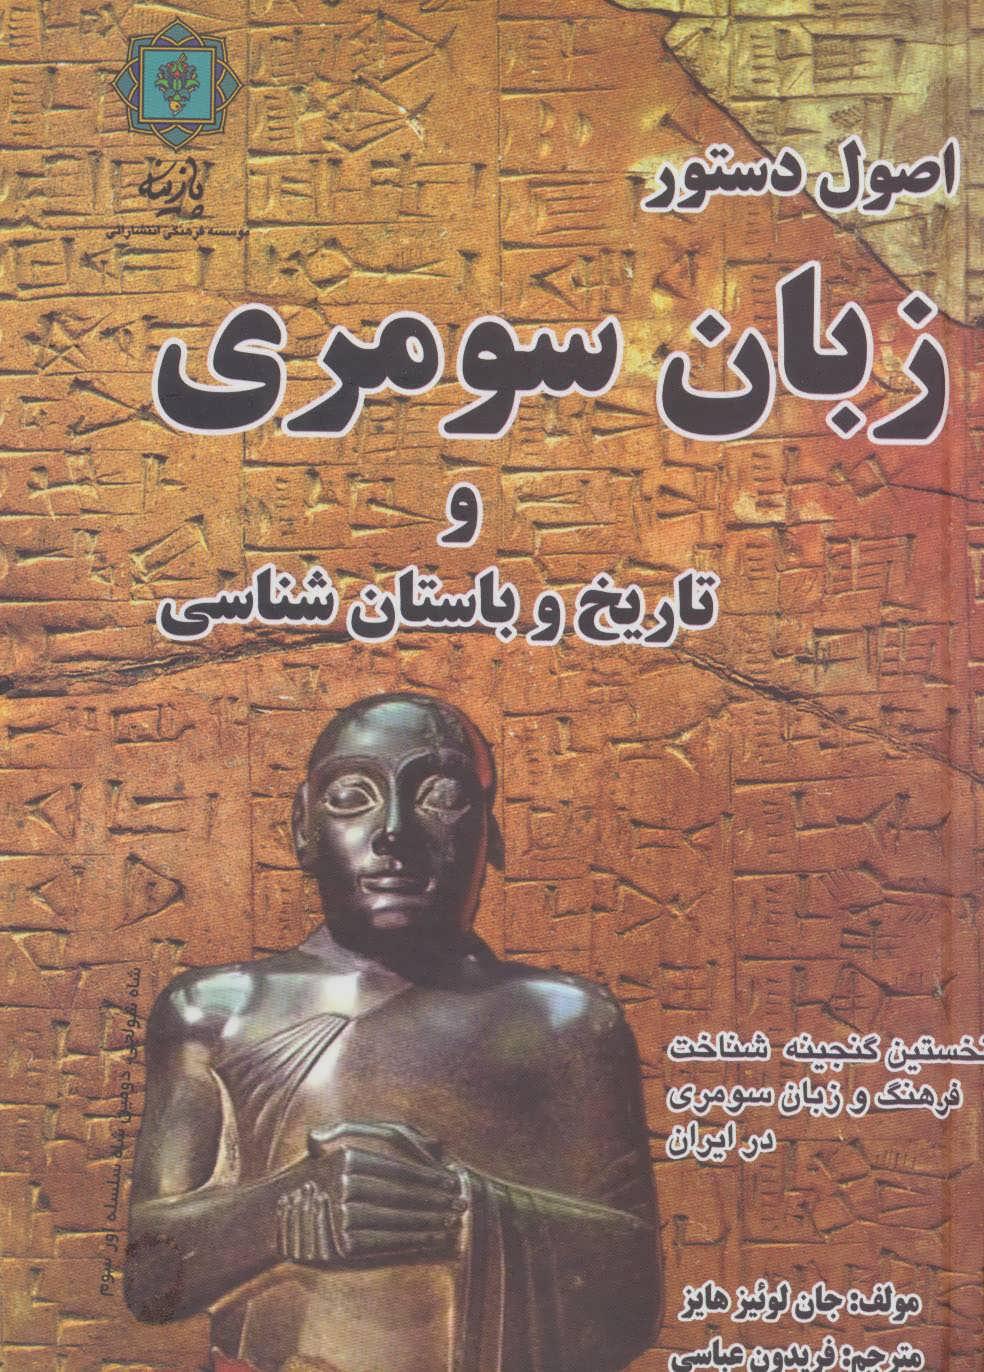 کتاب اصول دستور زبان سومری و تاریخ و باستانشناسی